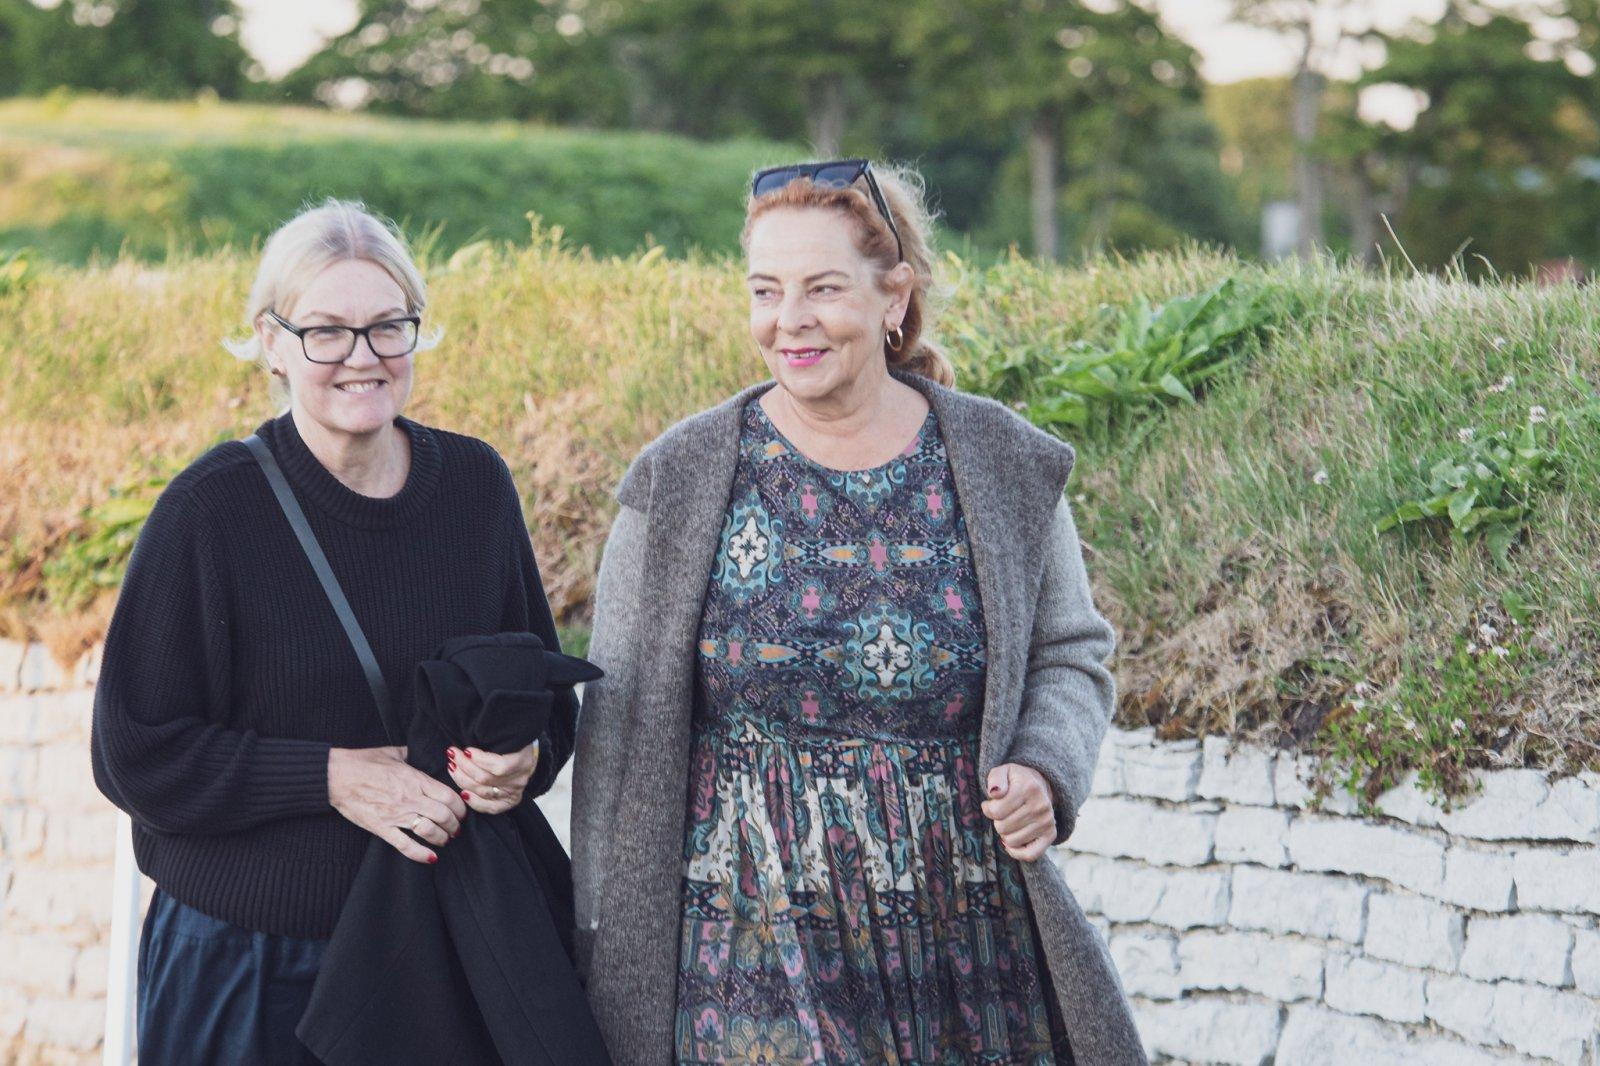 FOTOD | Koorekiht nautis väärt muusikat! Saaremaa Ooperpäevad rõõmustas fänne Ooperipiknikuga